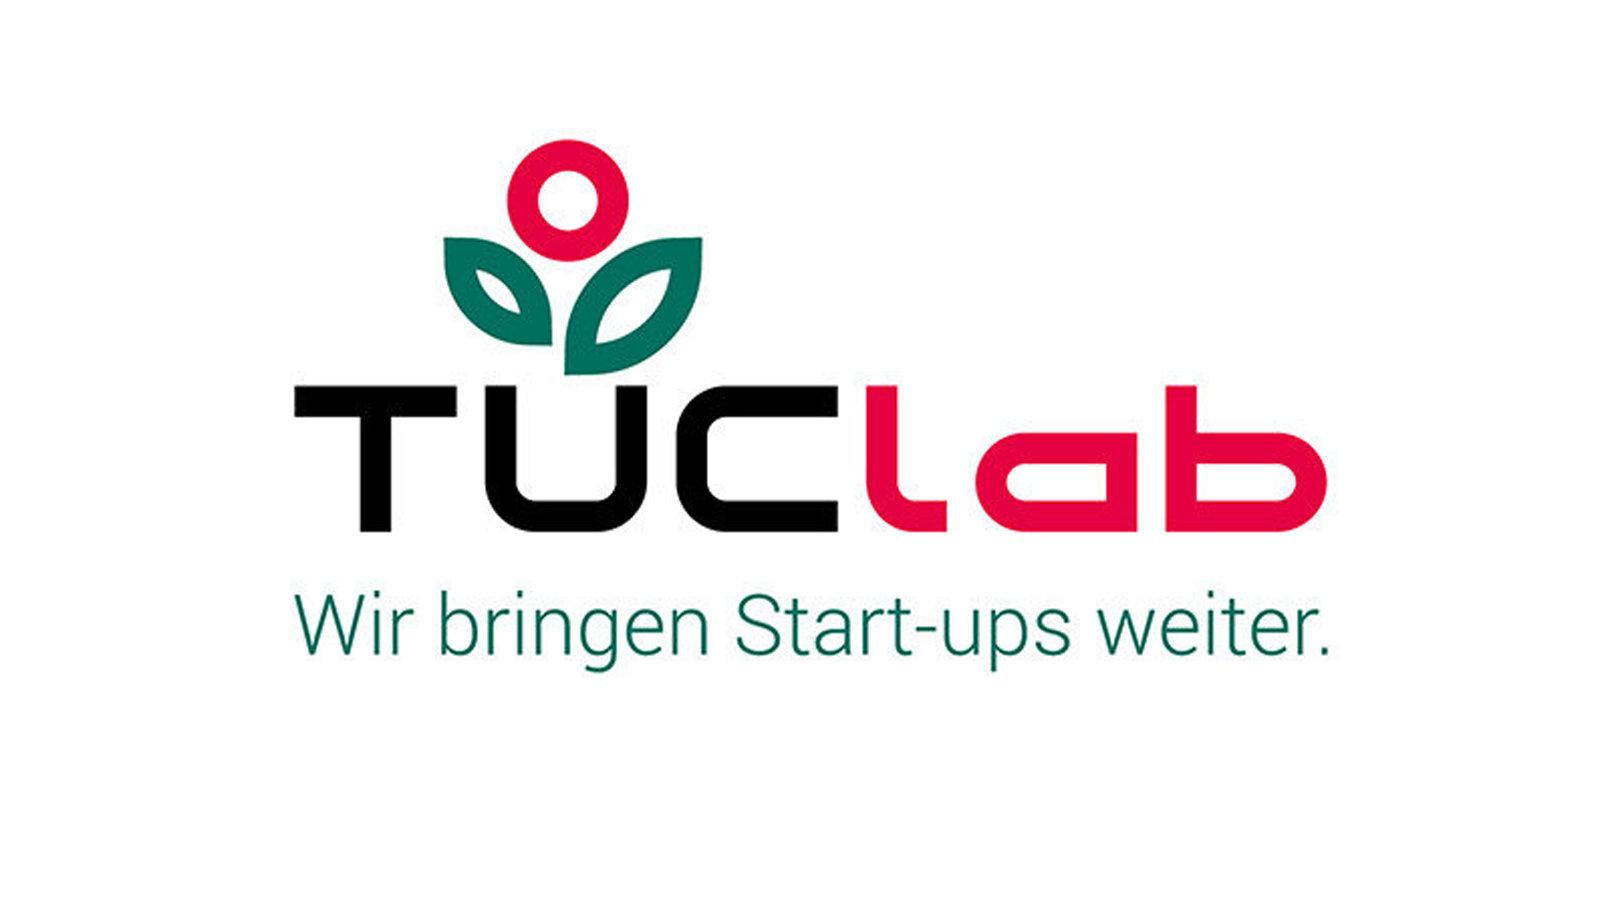 Logo zeigt Namenszug TUClab und eine symbolisierte Pflanze